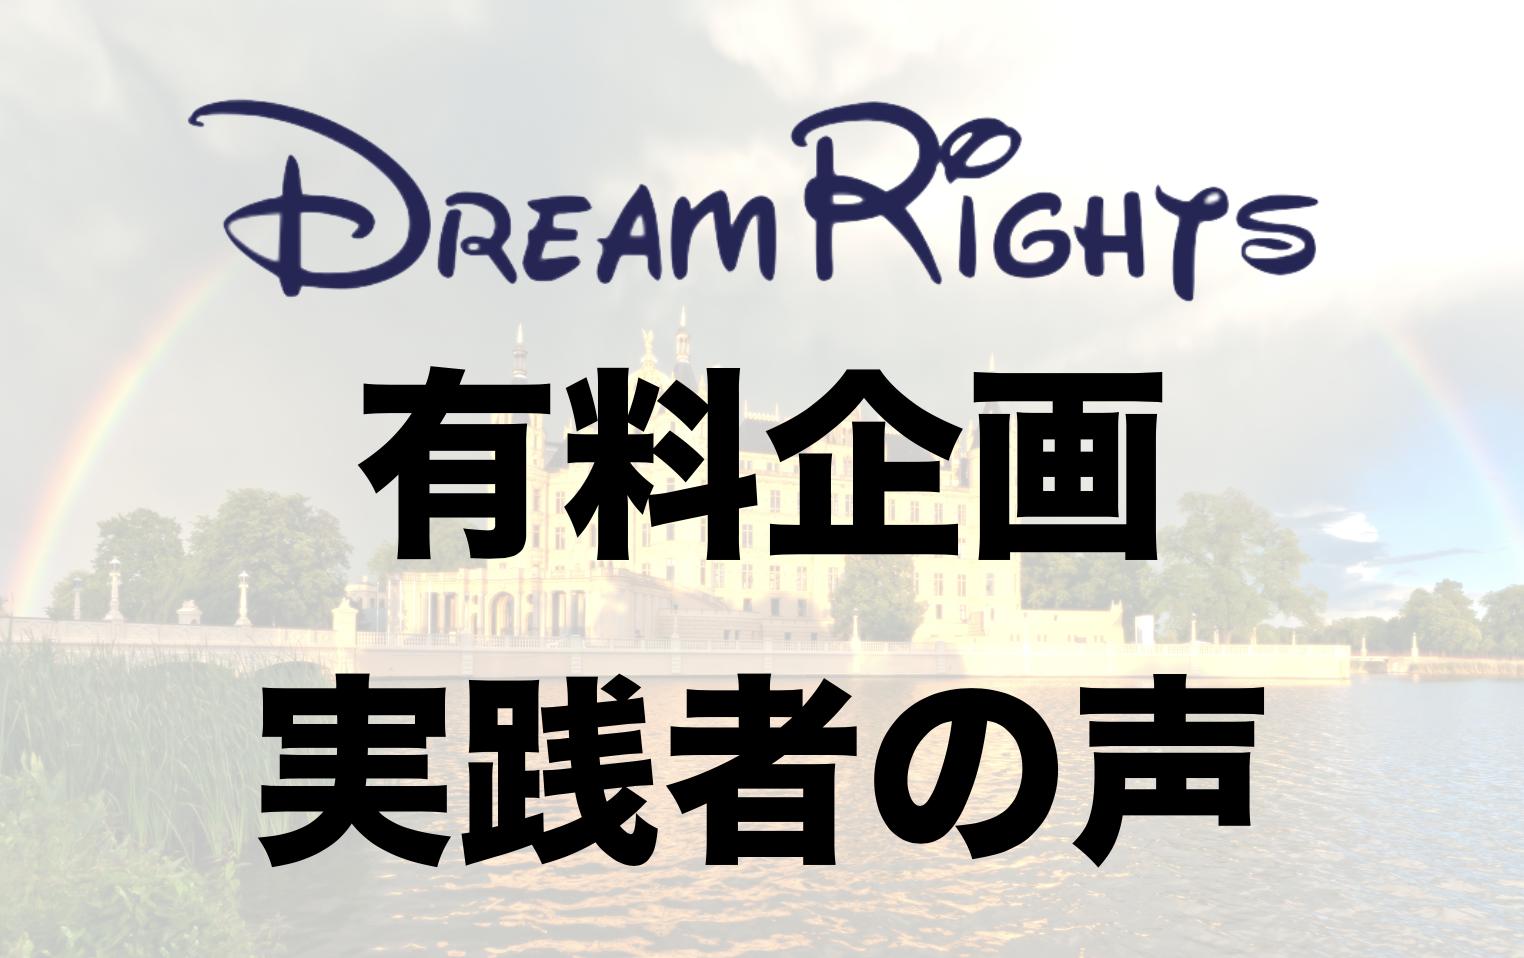 DreamRightsに2ヶ月間参加してくださった方からの推薦の声